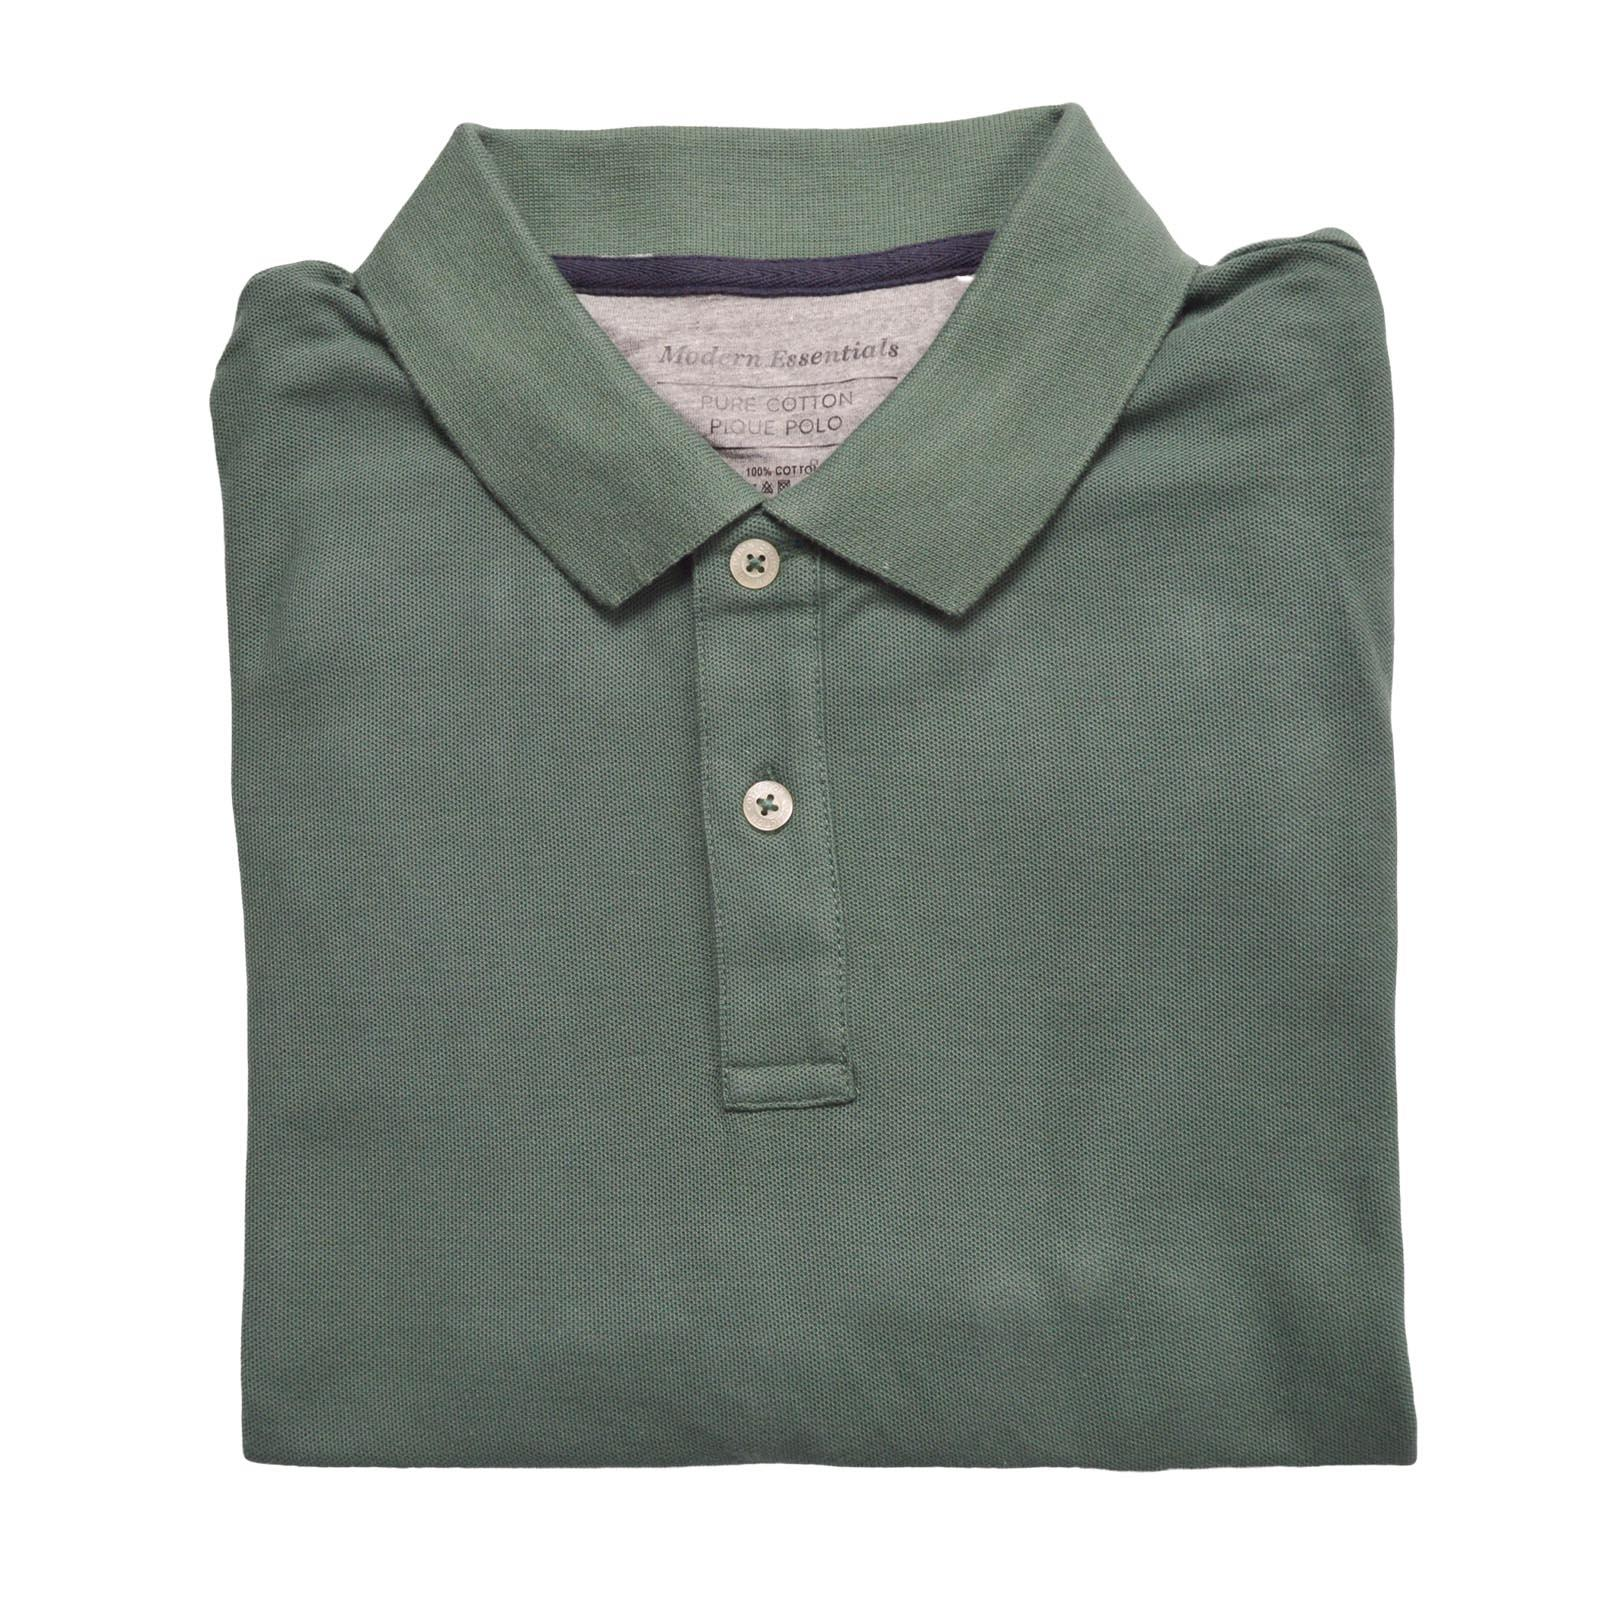 Marks-amp-Spencer-Camisa-Polo-Para-Hombre-Algodon-Clasico-M-amp-S-todos-los-colores-y-tamanos-de miniatura 16